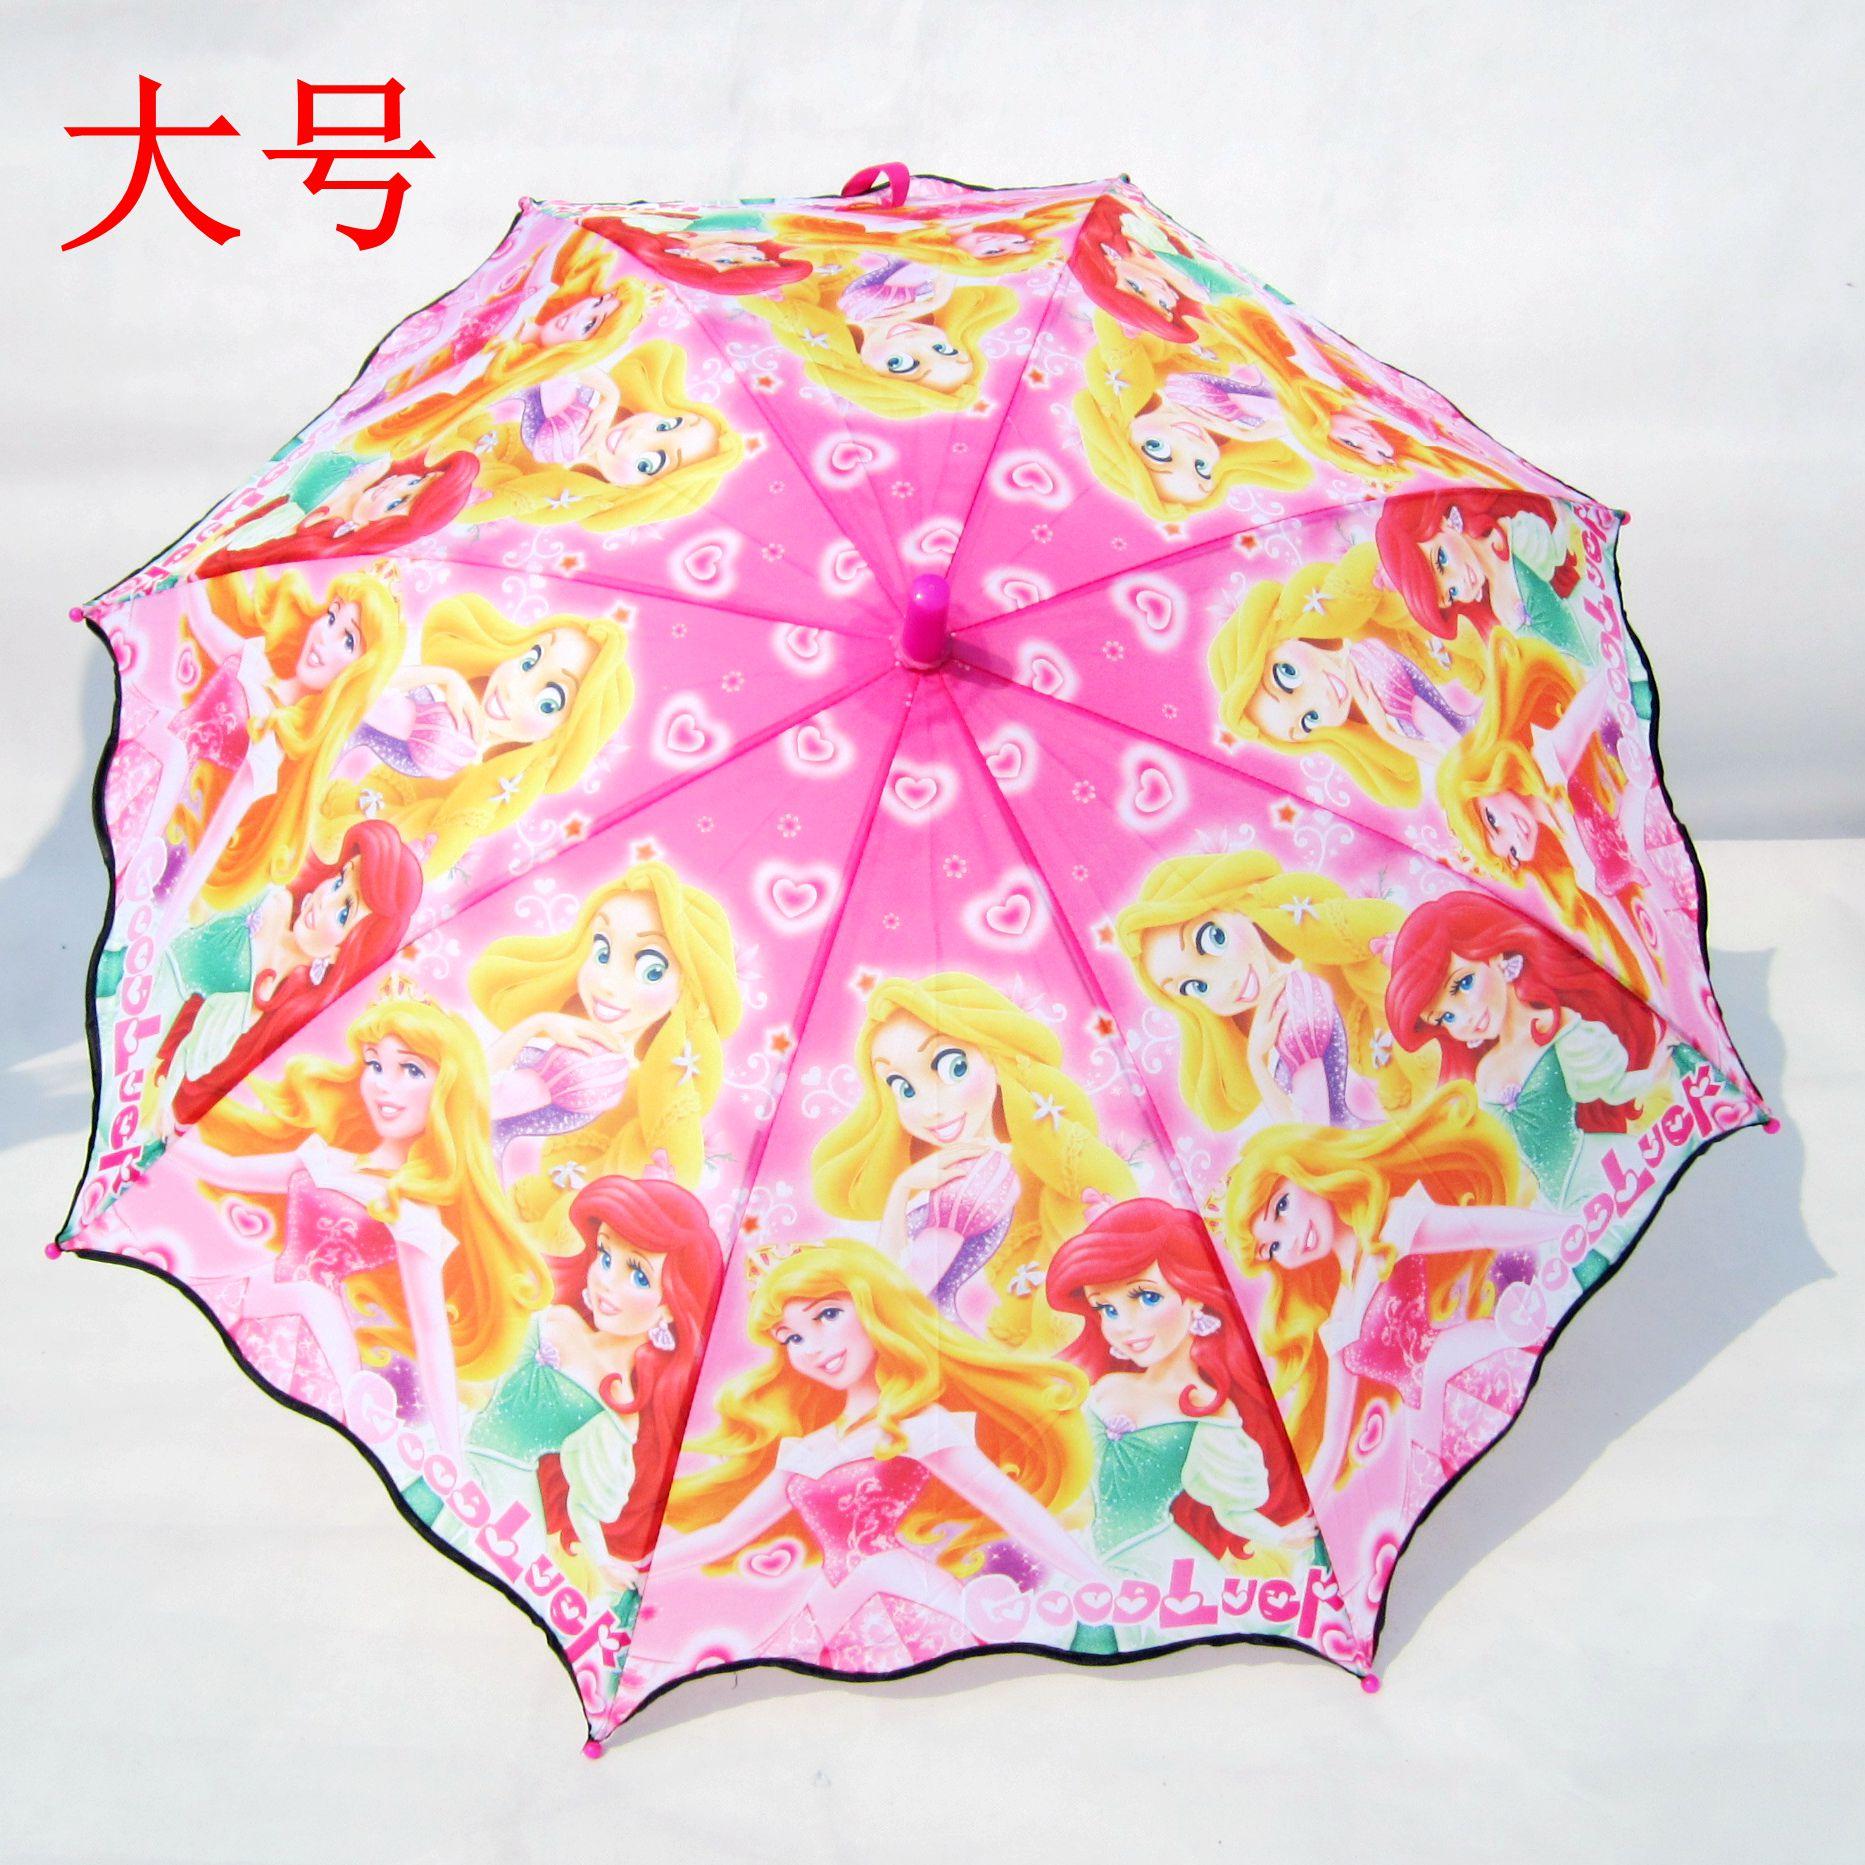 半自动大号儿童雨伞女童小学生KT猫公主伞长柄卡通6-12